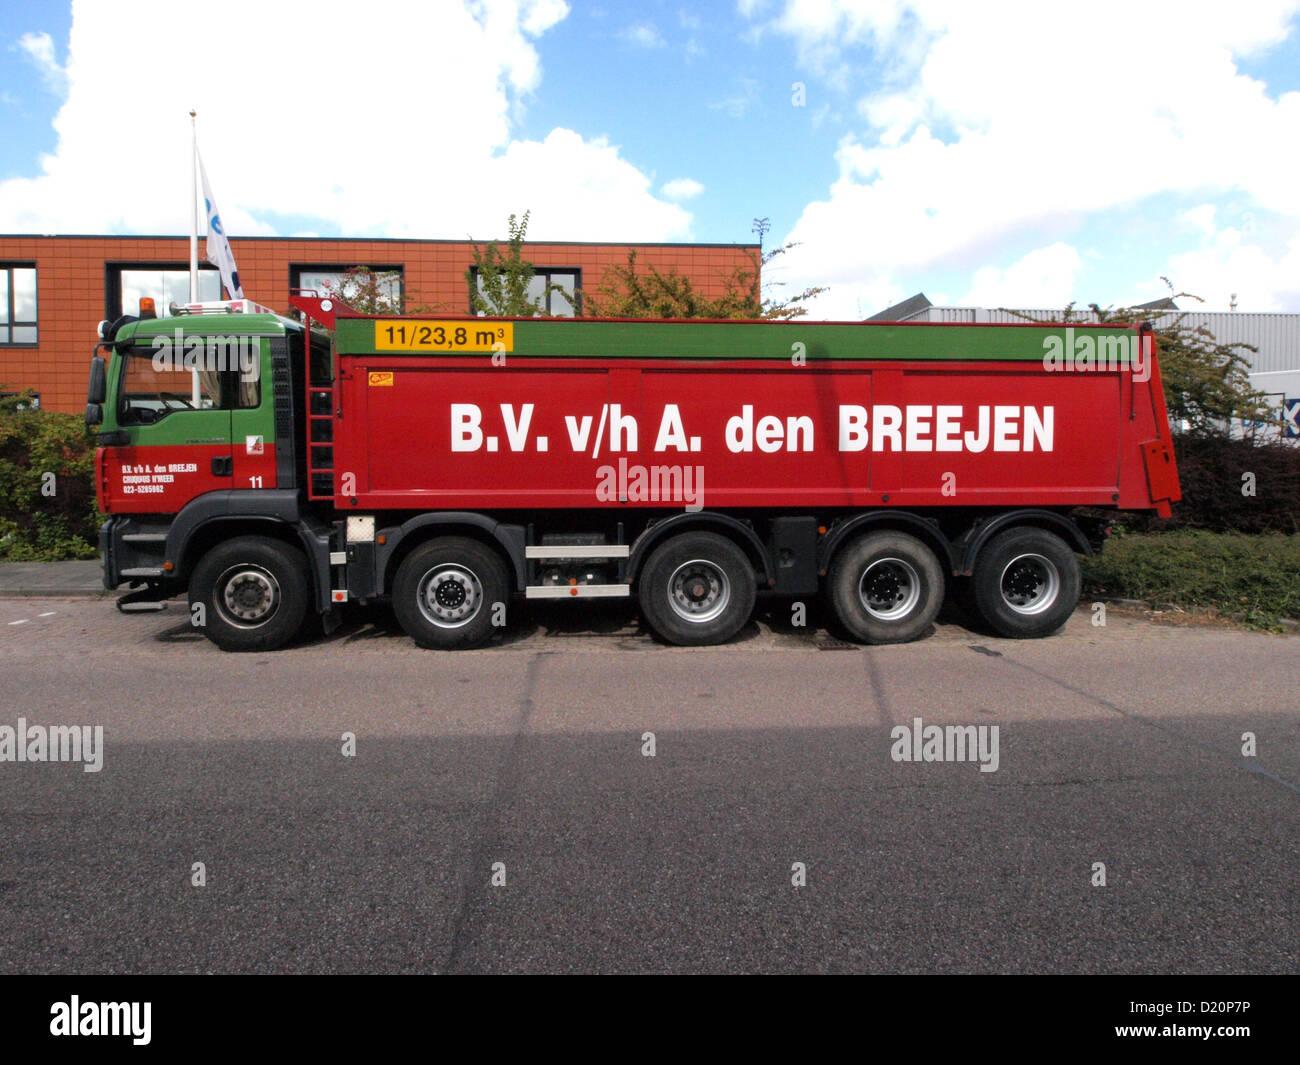 MAN TGA41.480 (owner A den Breejen) - Stock Image